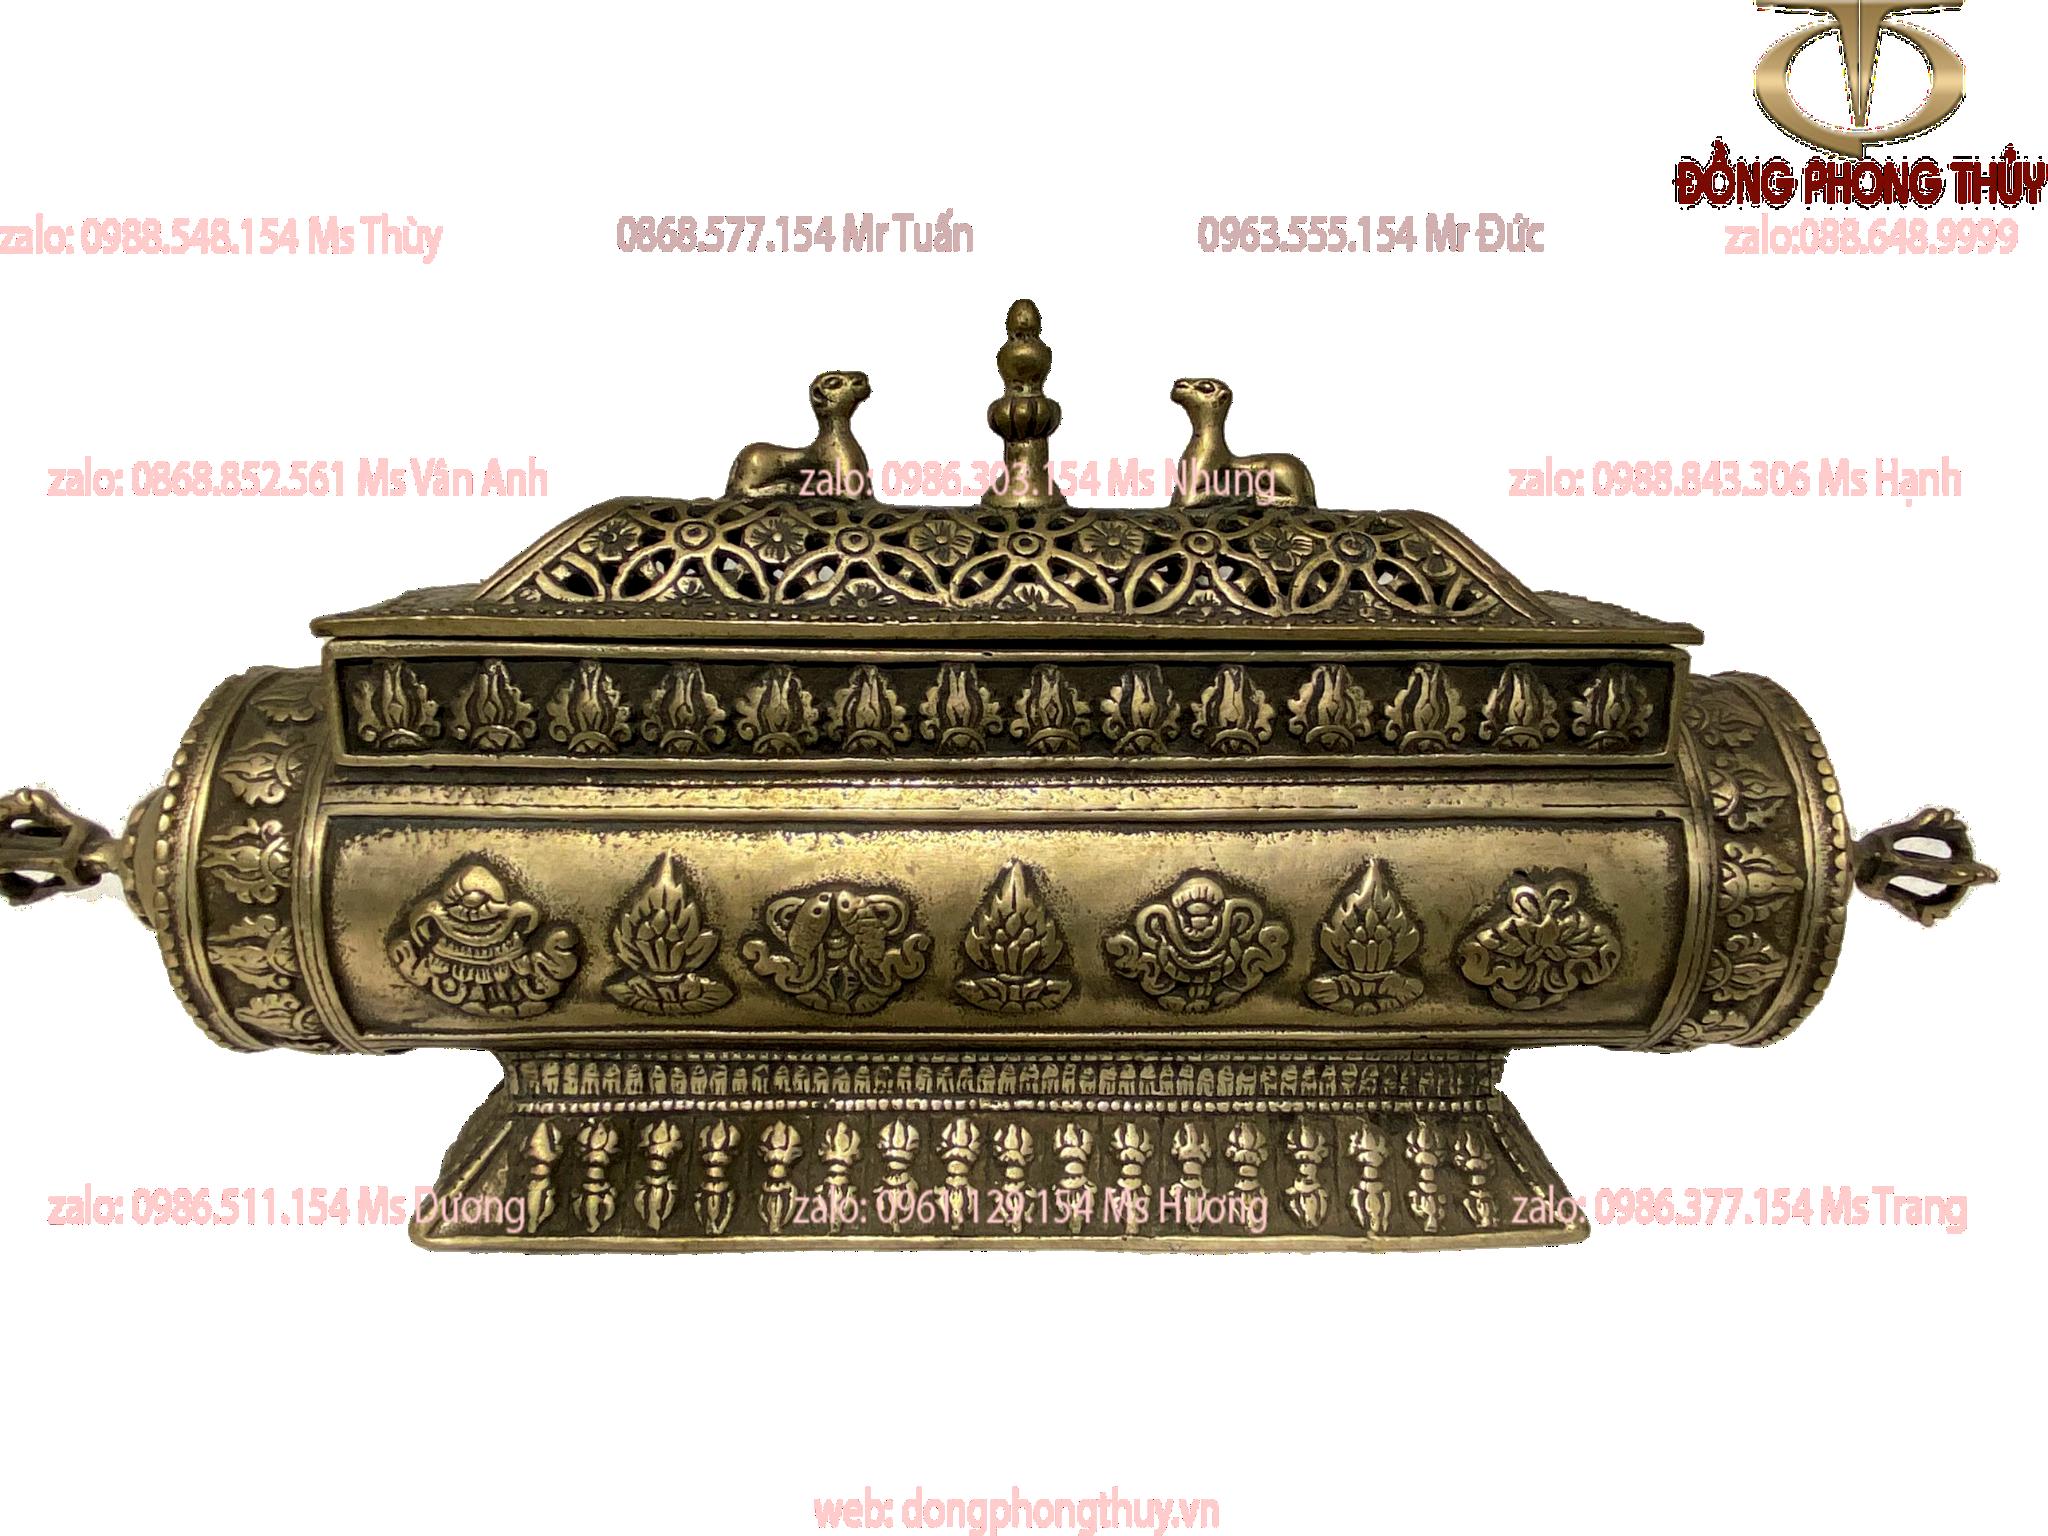 Xông trầm bằng đồng đỏ mạ bạc gắn các phù điêu BÁT ĐẠI CÁT TƯỜNG, và LỤC TỰ ĐẠI MINH CHÚ hàng thủ công của Tây Tạng